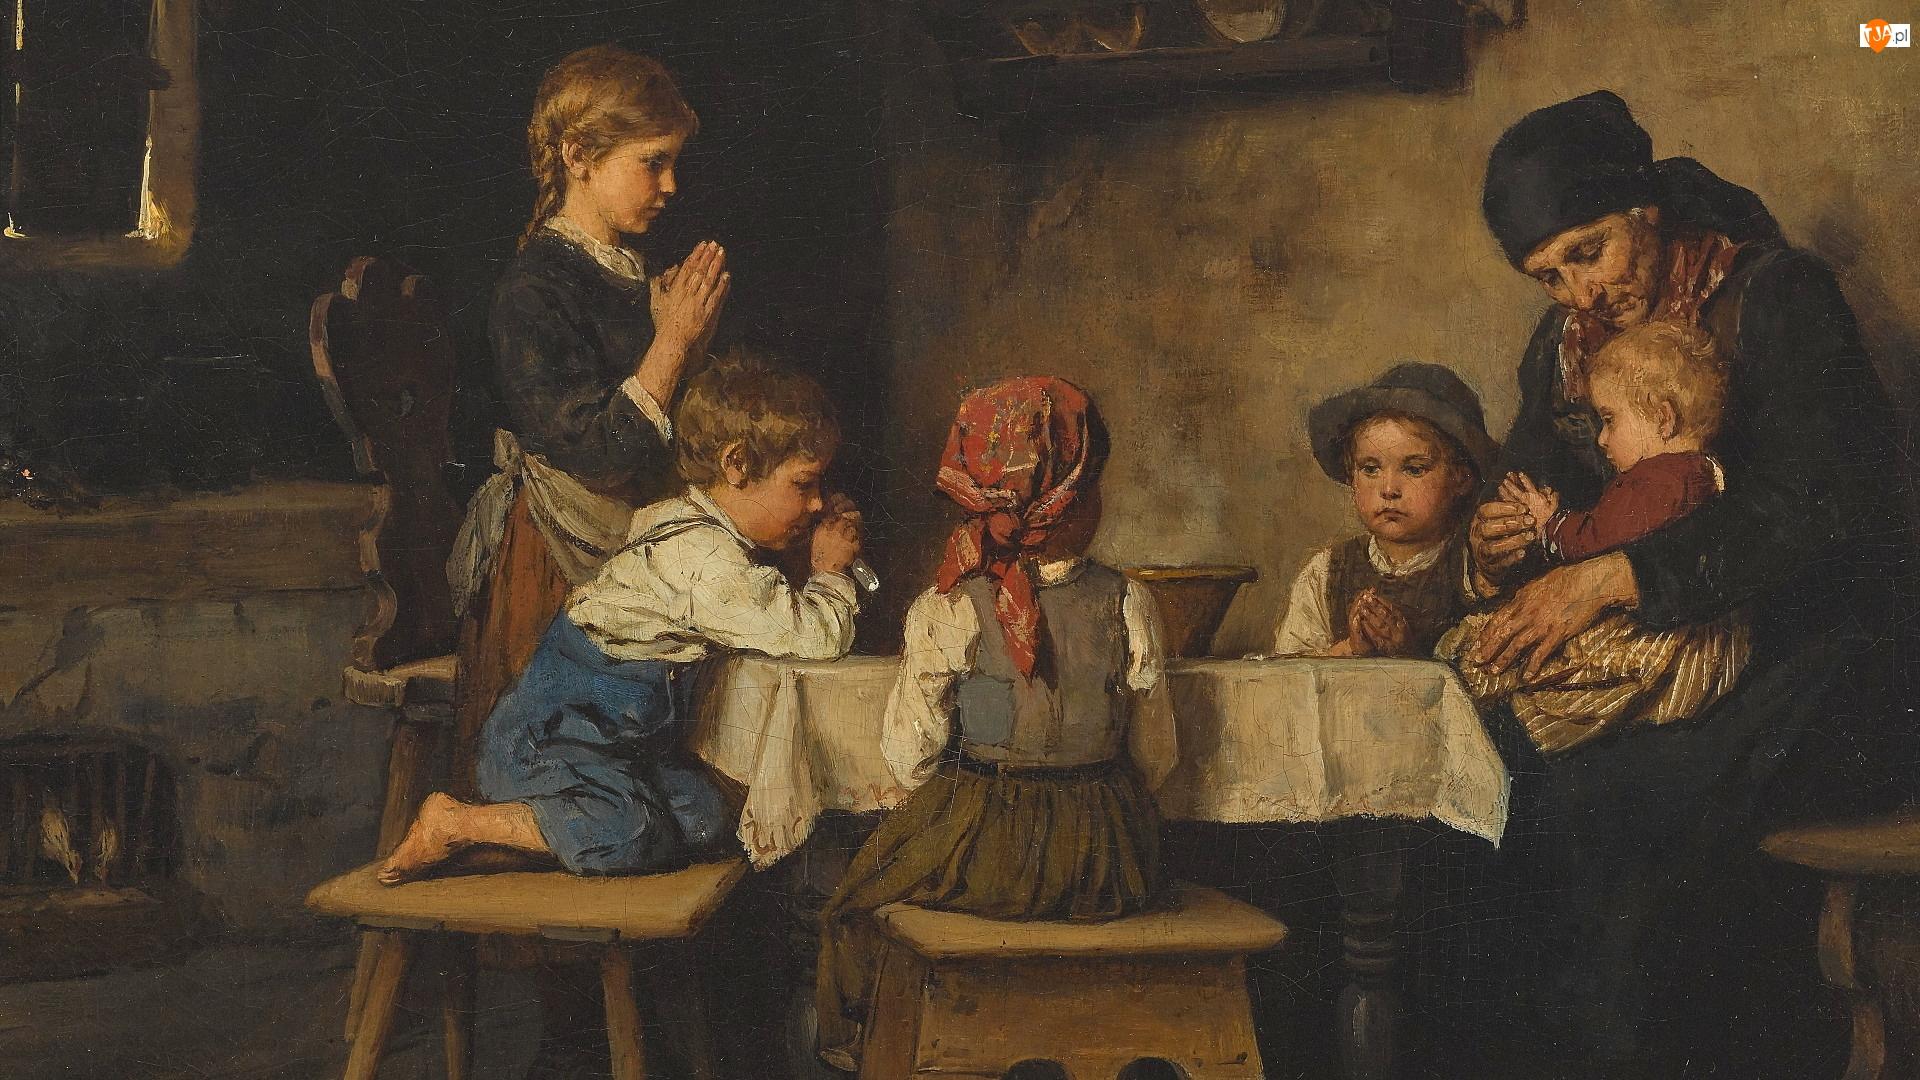 Rodzina, Malarstwo, Dzieci, Stół, Obraz, Kobieta, Modlitwa, Franz von Defregger